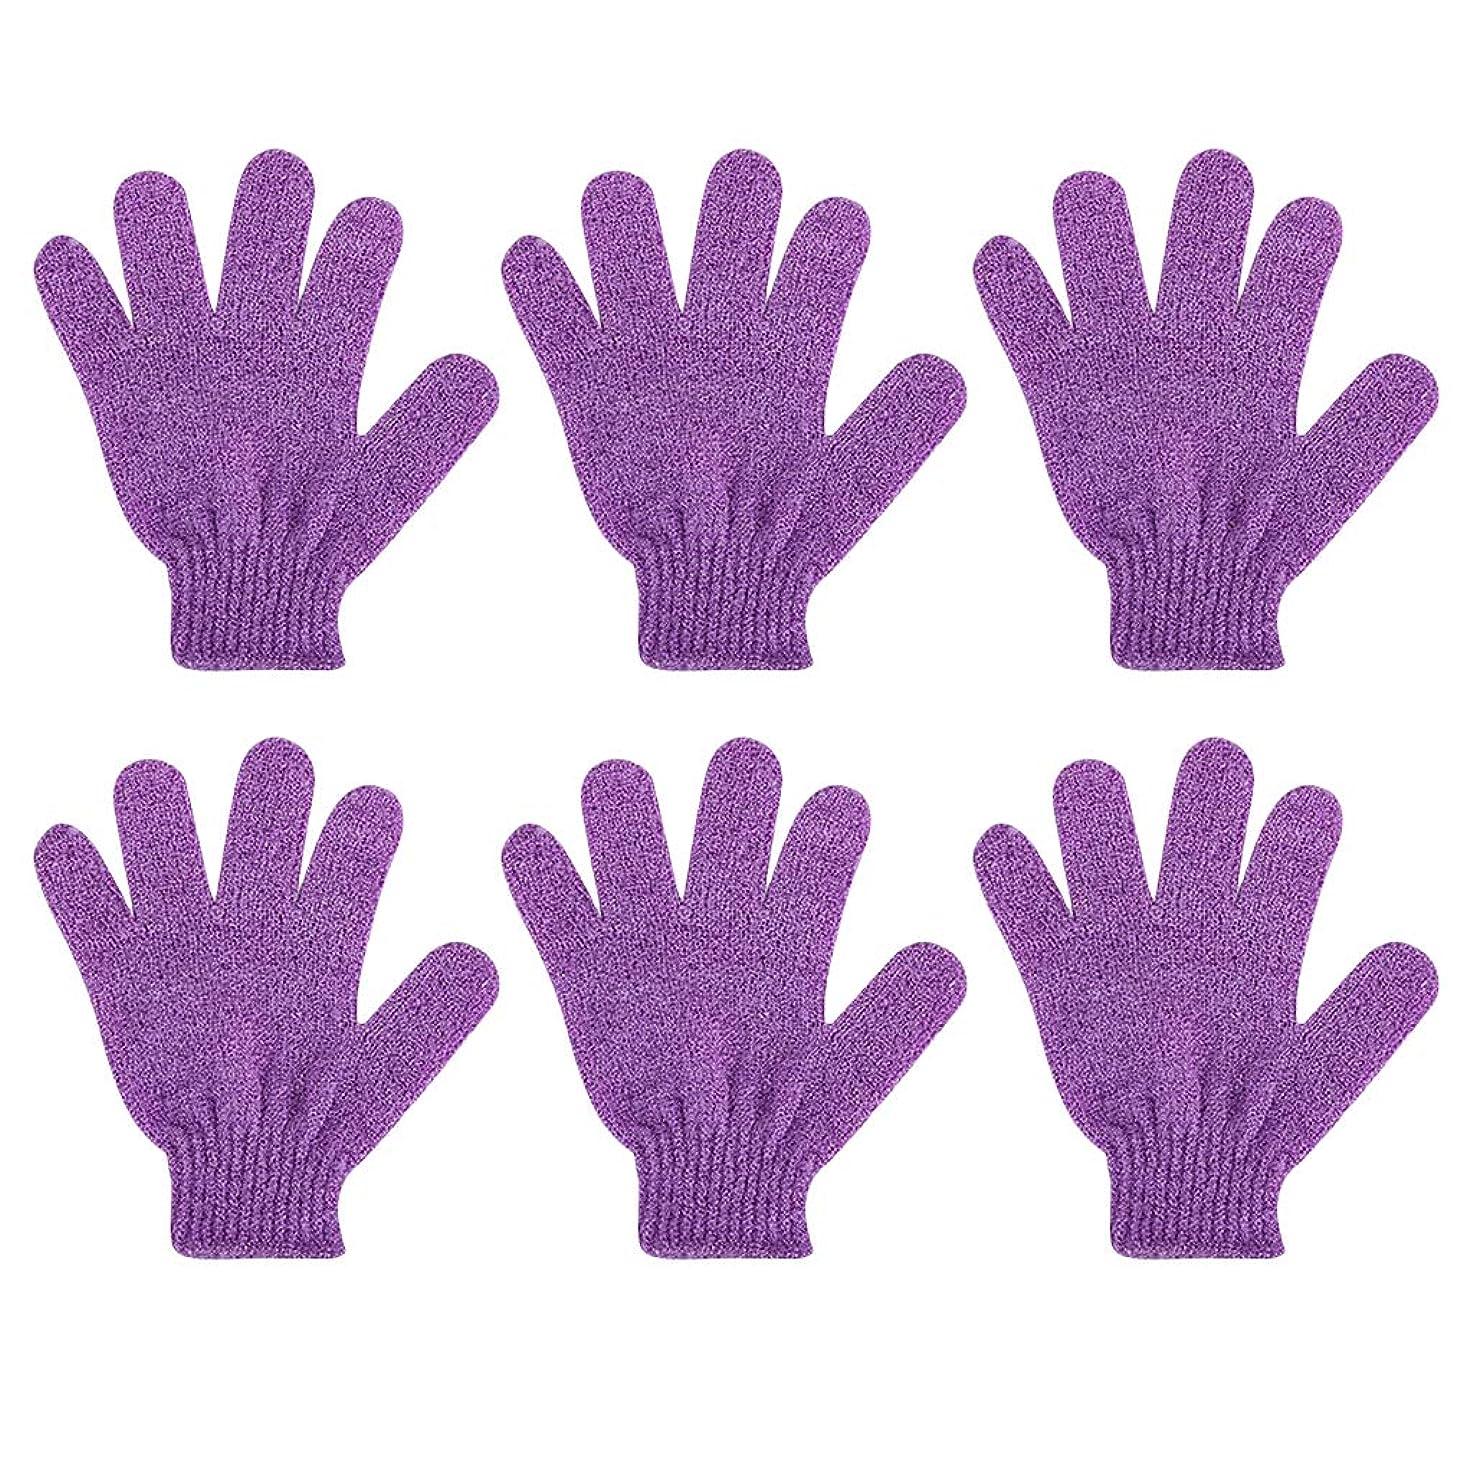 報復するびっくりするヒープsharprepublic 浴用手袋 6枚セット ボディウォッシュ手袋 お風呂手袋 角質除去 角質取り 泡立ち 垢すり グローブ 男女用 全7色 - 紫